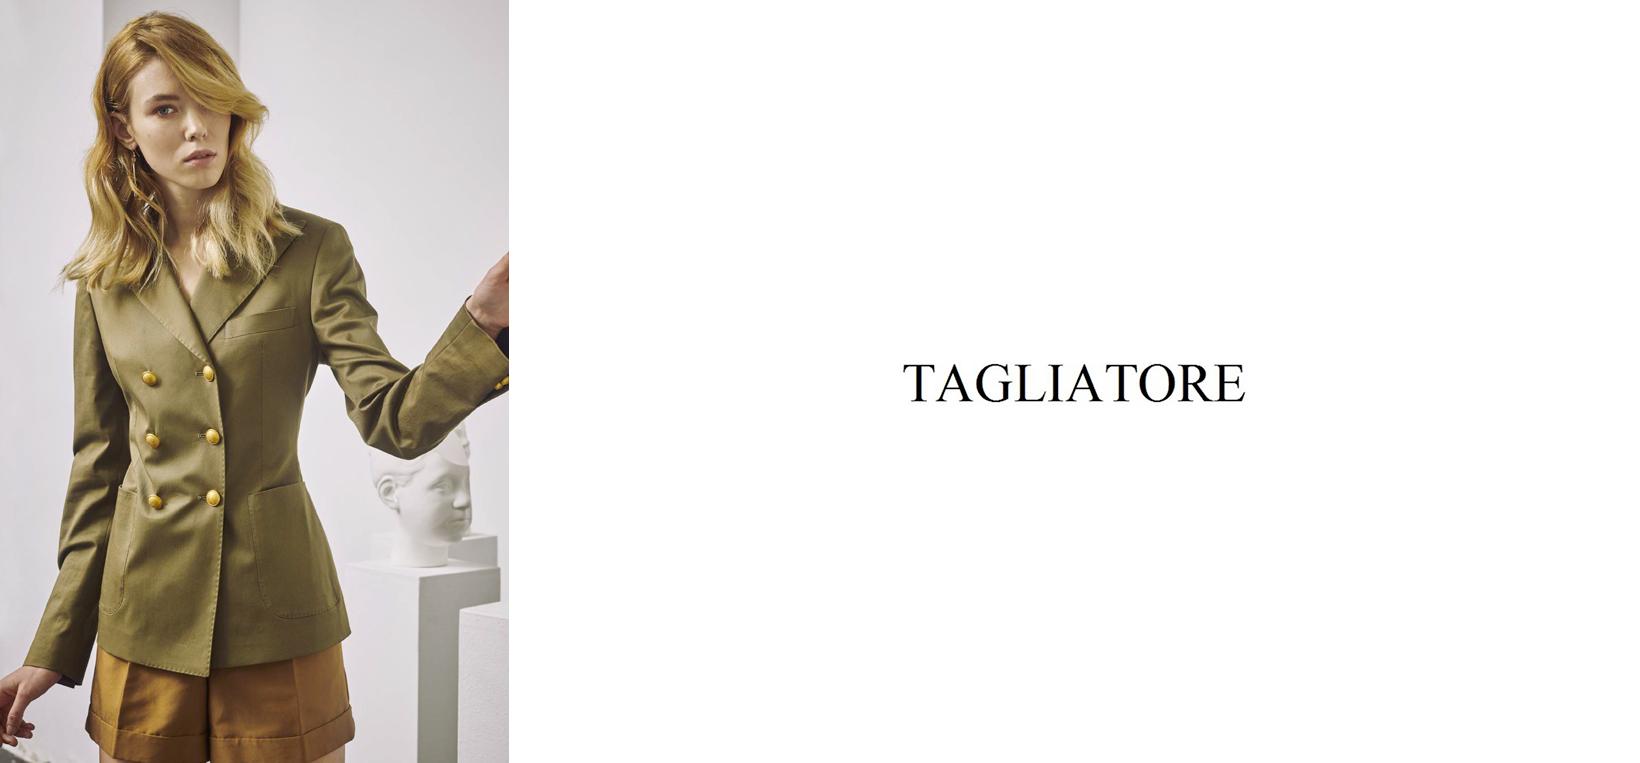 TAGLIATORE - Women - Leam Roma